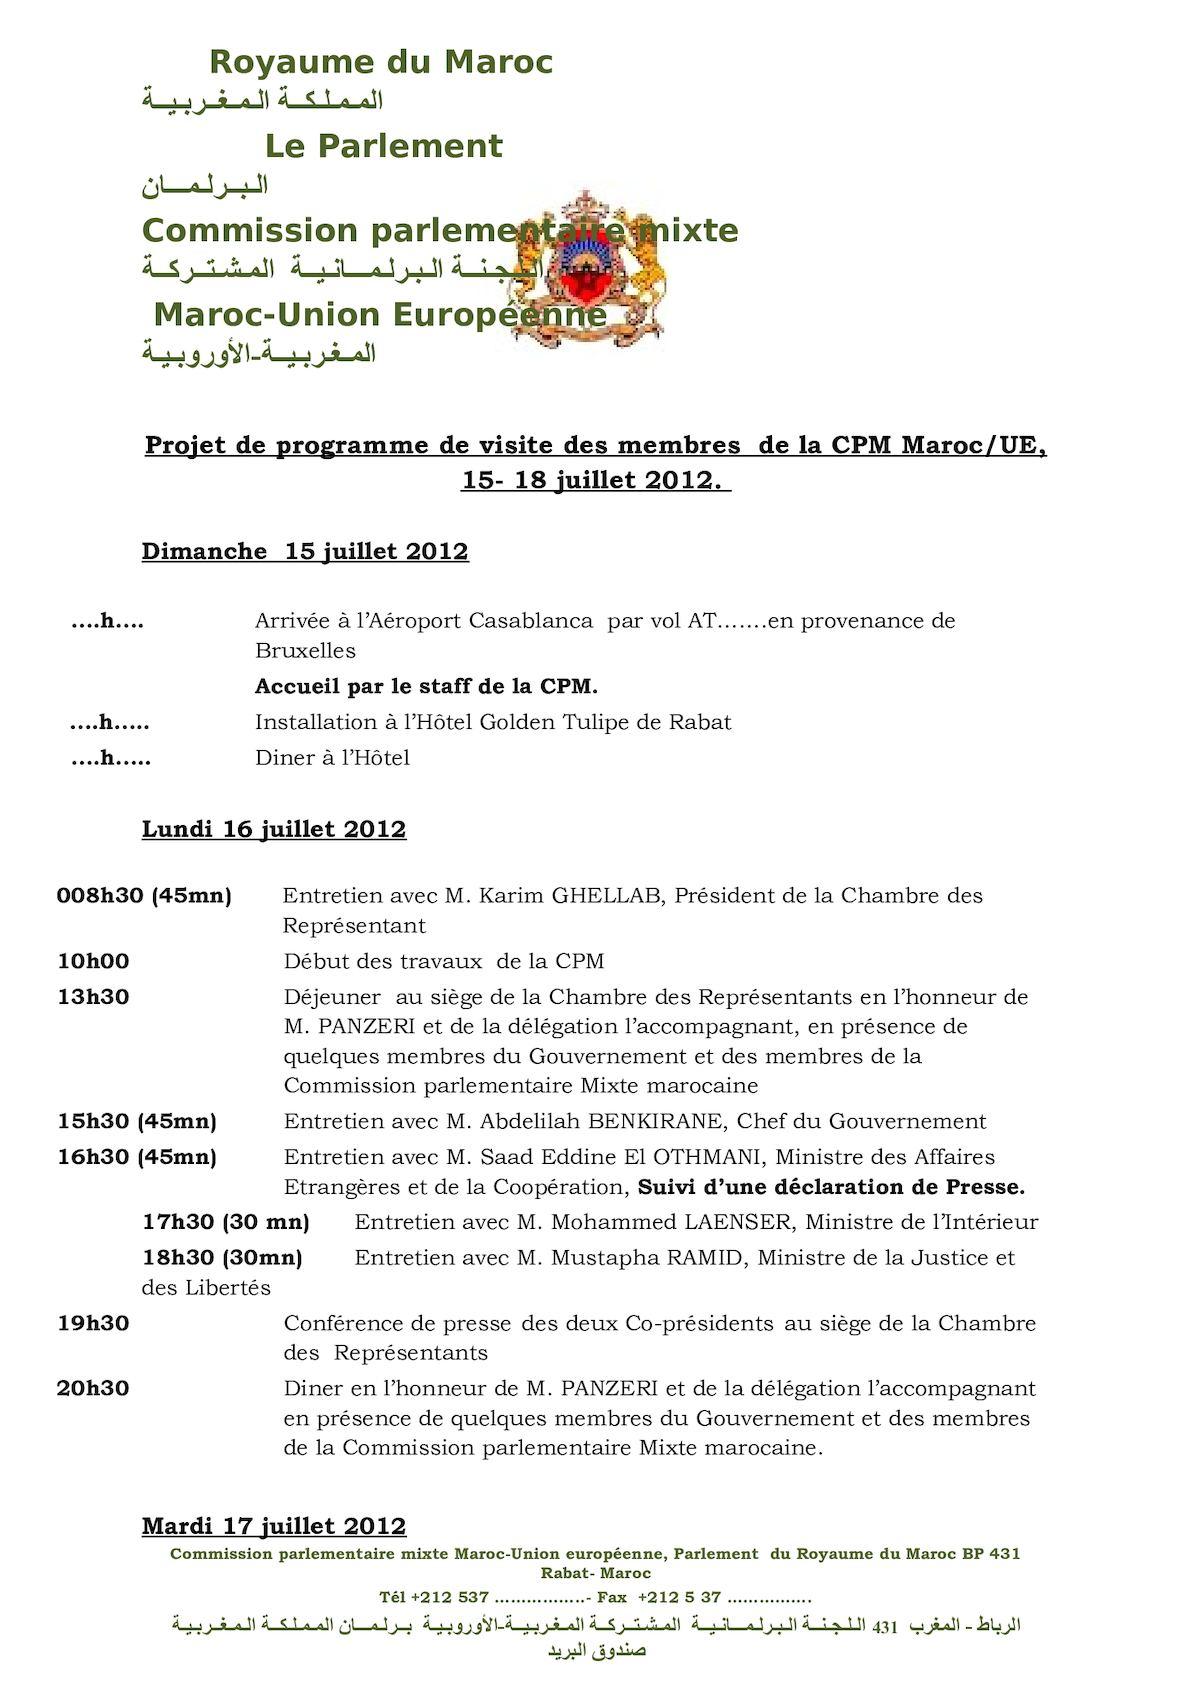 Projet De Programme De Visite Des Membres  De La CPM Maroc UE 15 Juillet 2012